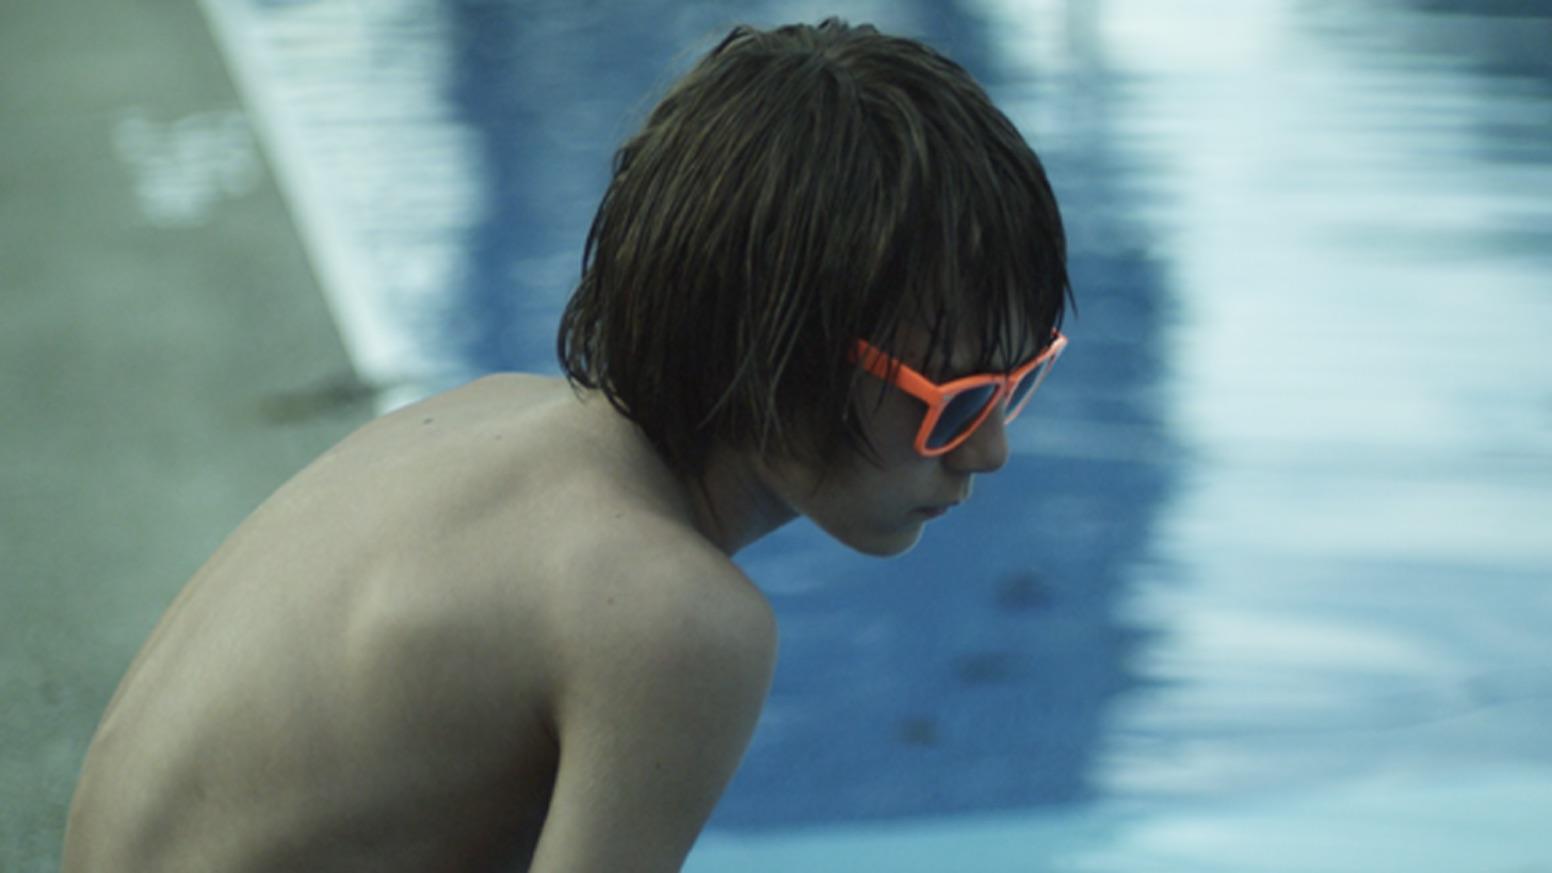 The Strange Ones By Christopher Radcliff Lauren Wolkstein Thriller Short Film